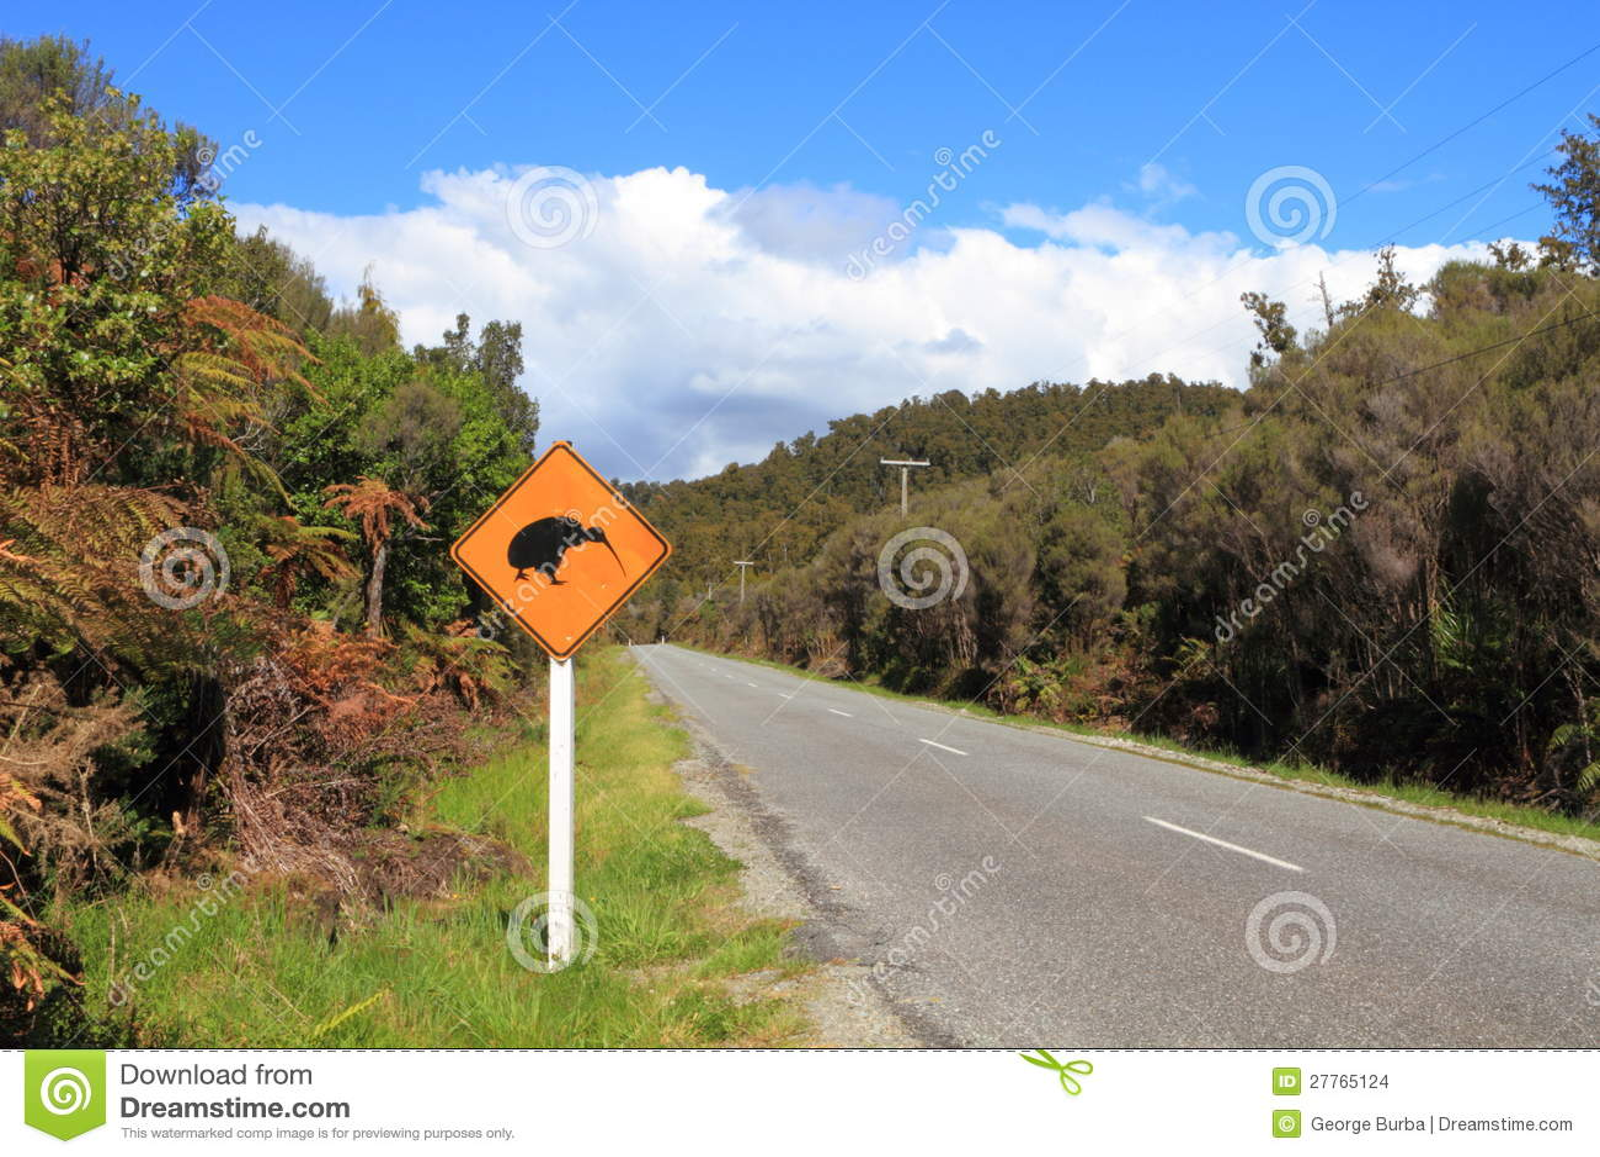 Signe de croisement de kiwi